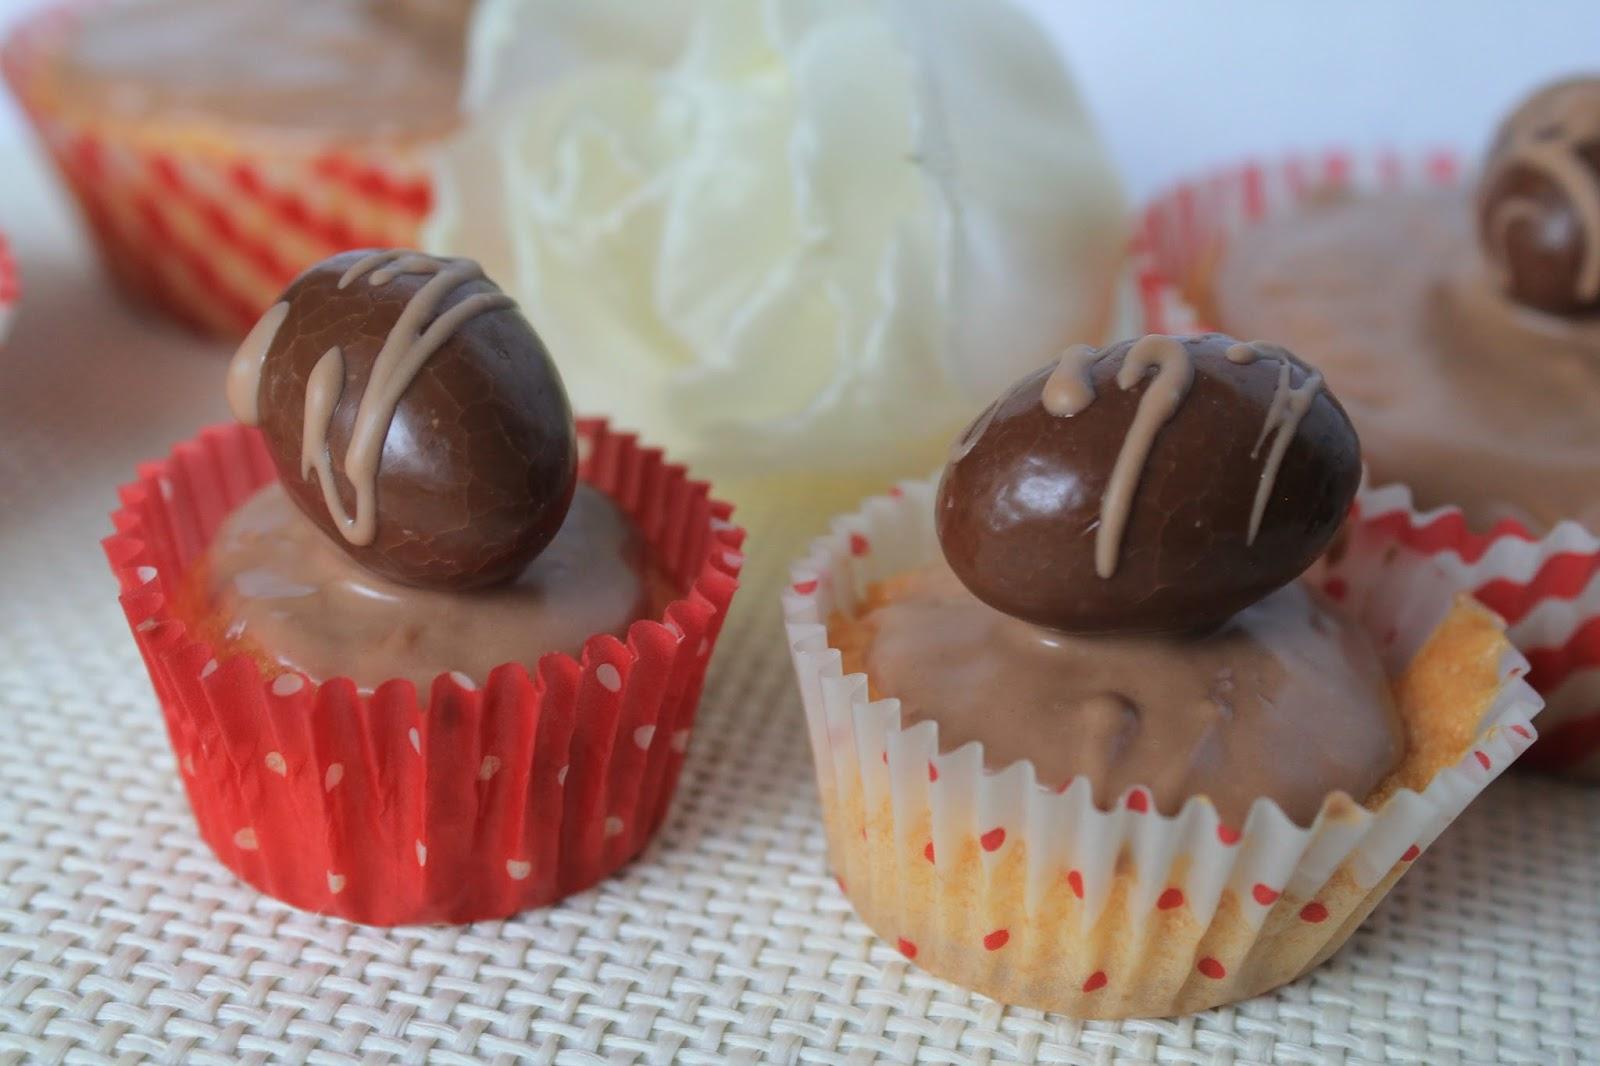 Kinderschokolade Muffins mit Schoko-Bons